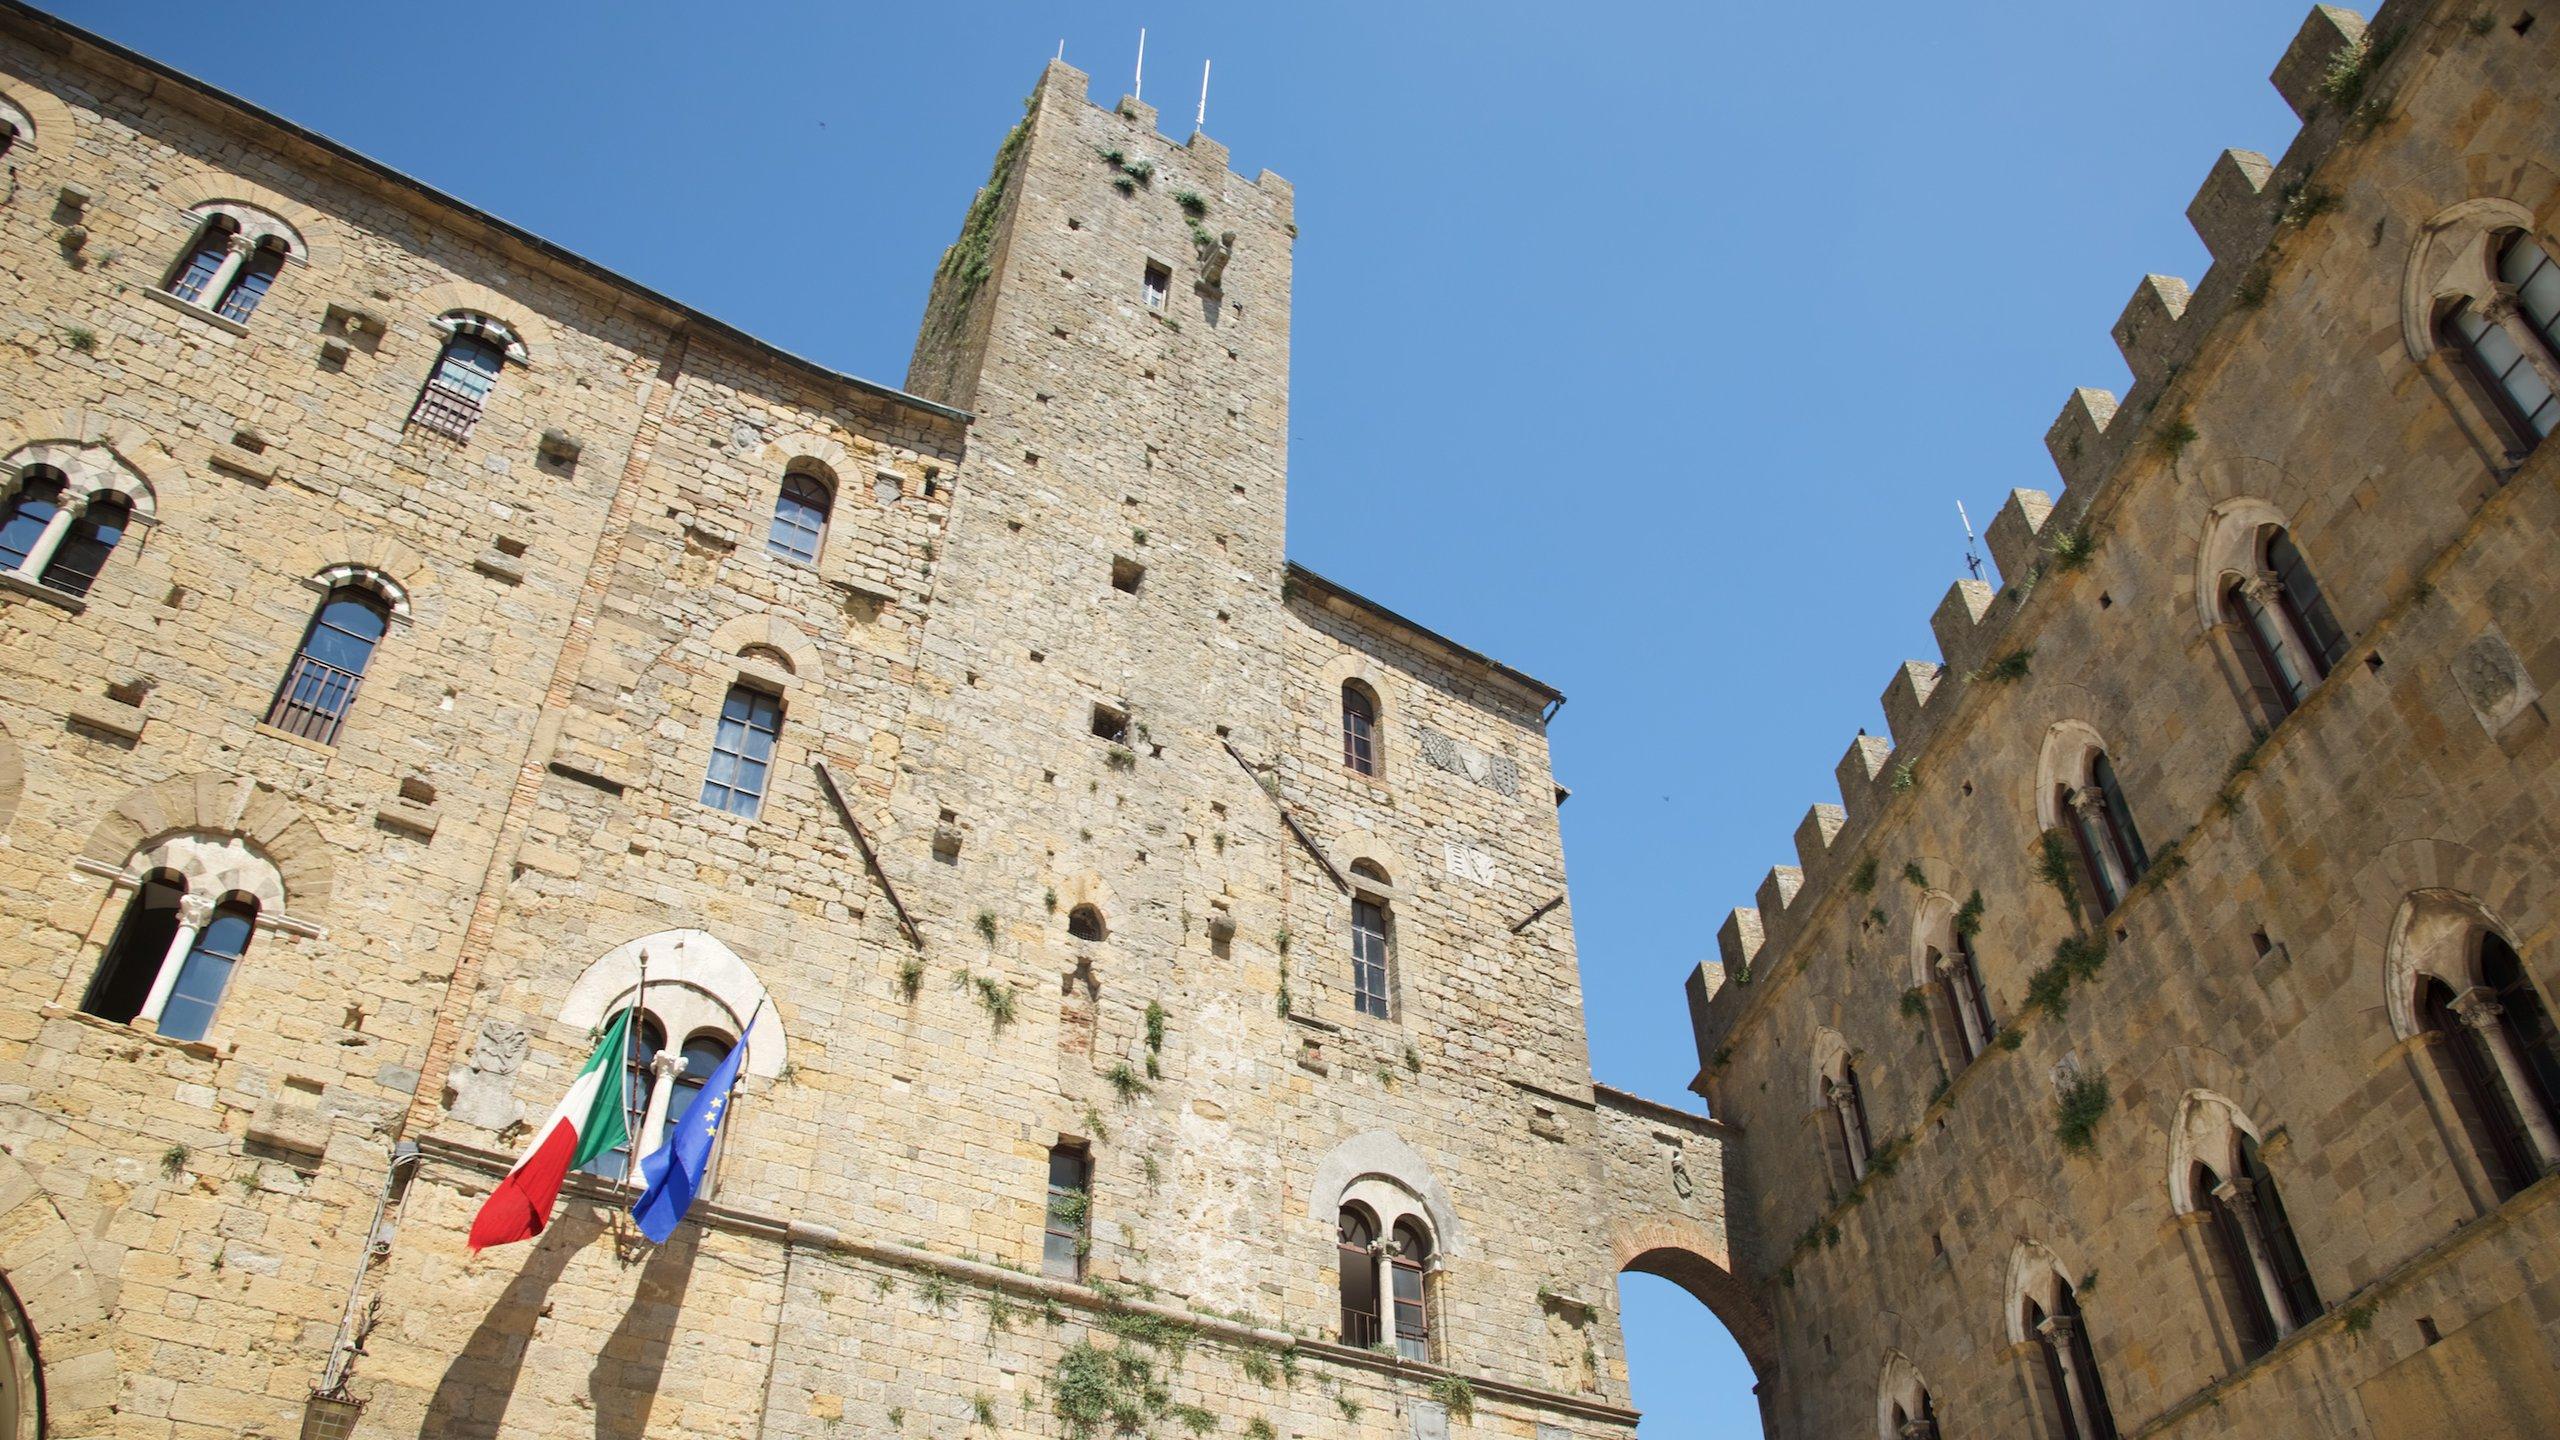 Pomarance, Toscana, Italia